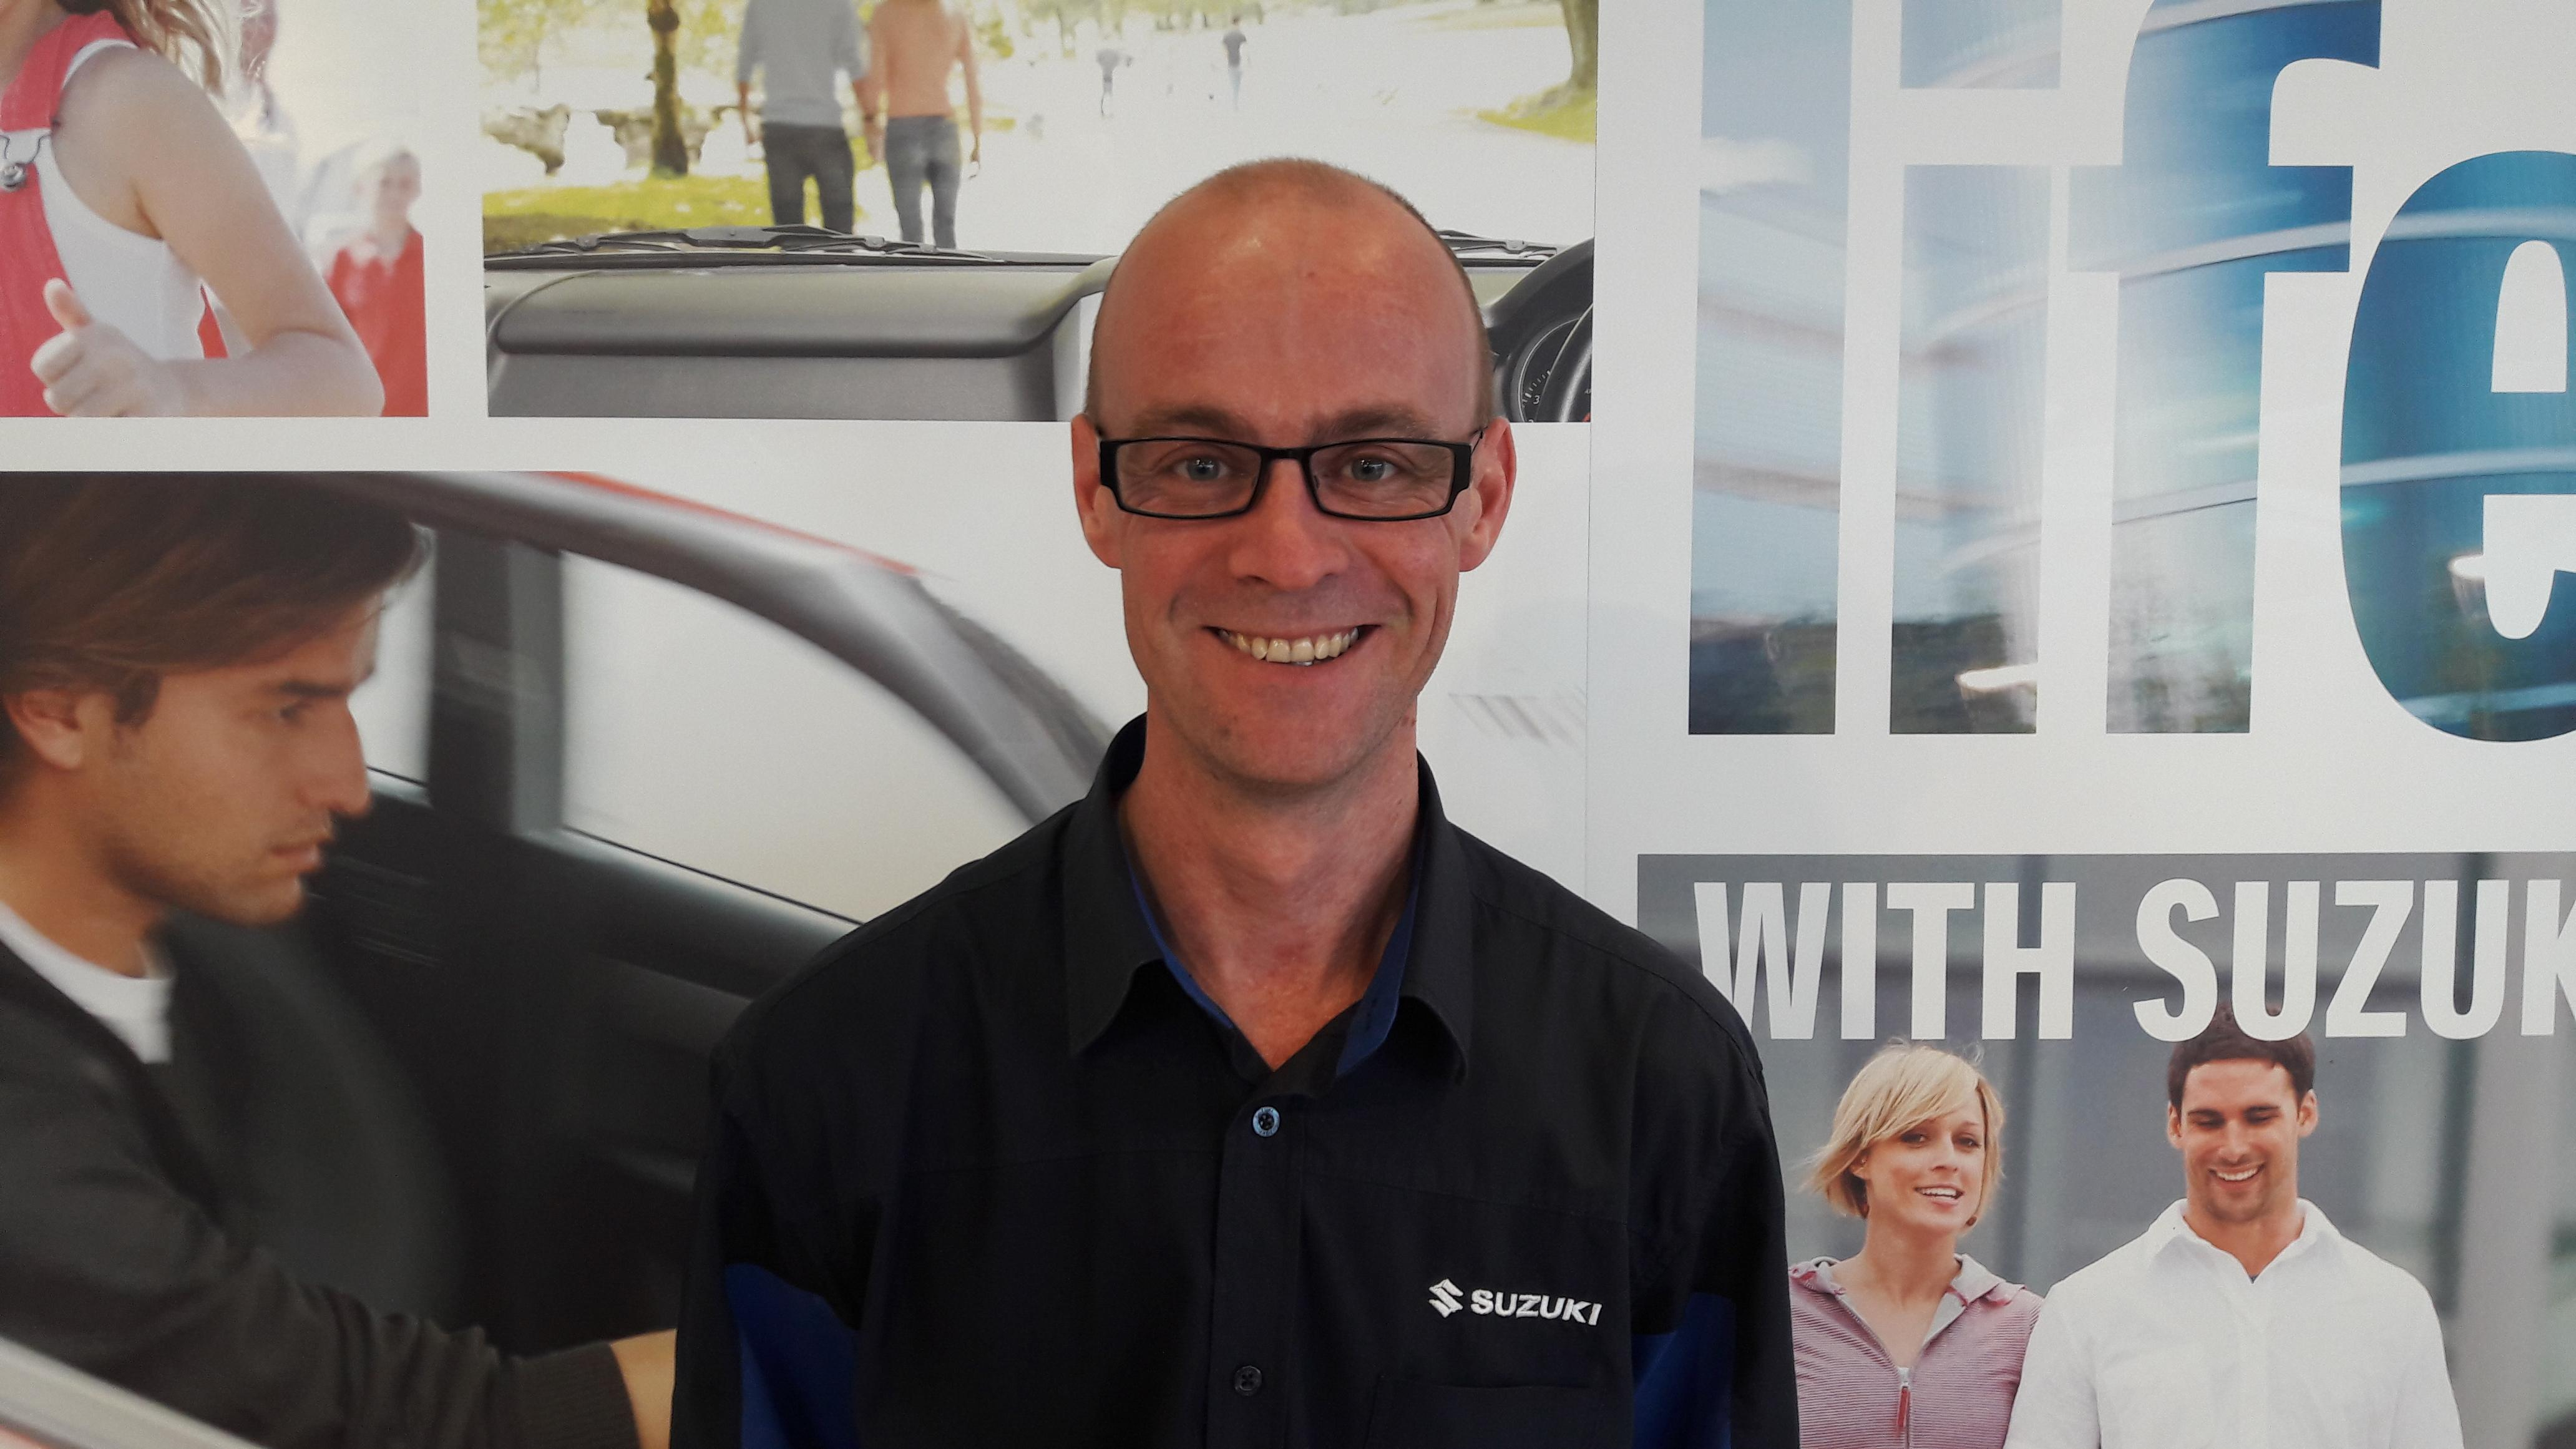 Paul Carr, Service Advisor